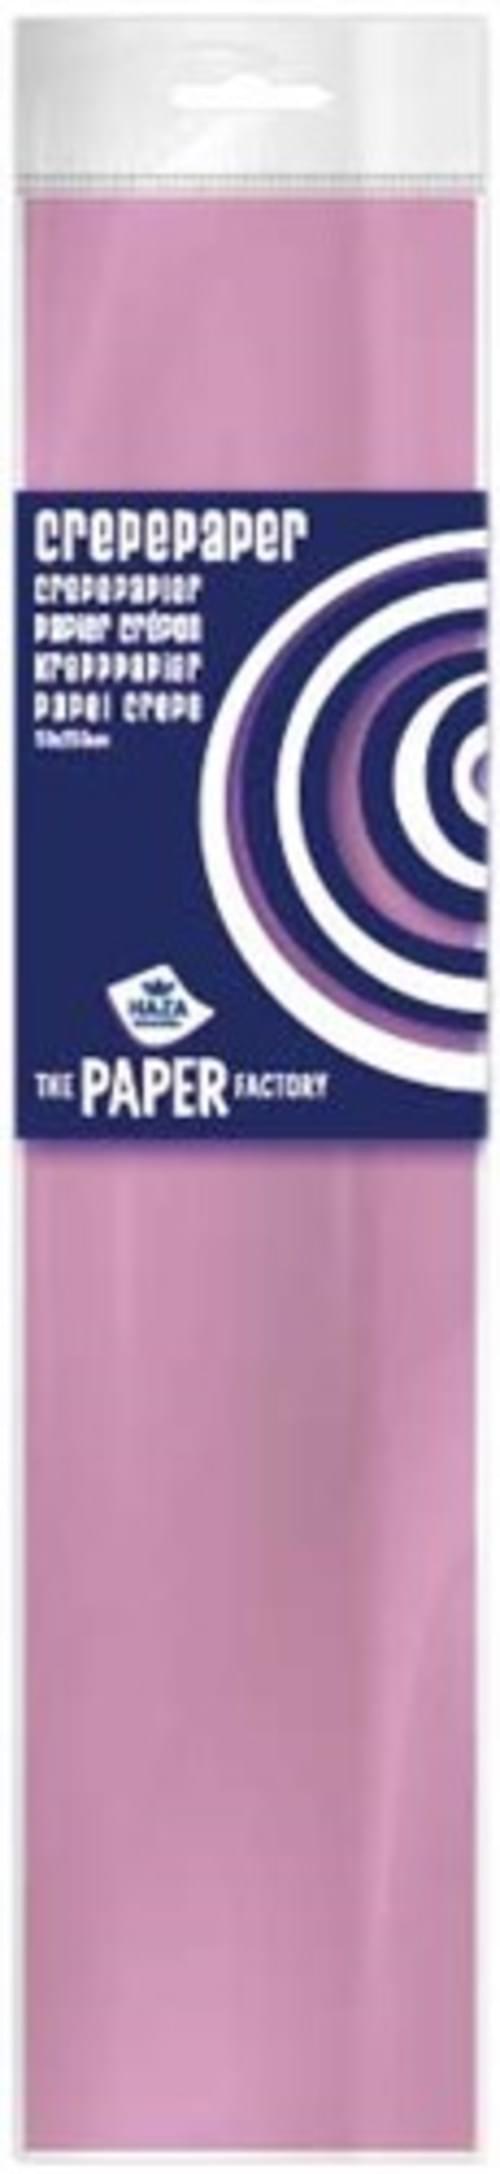 Crepe Paper Pink  10pk